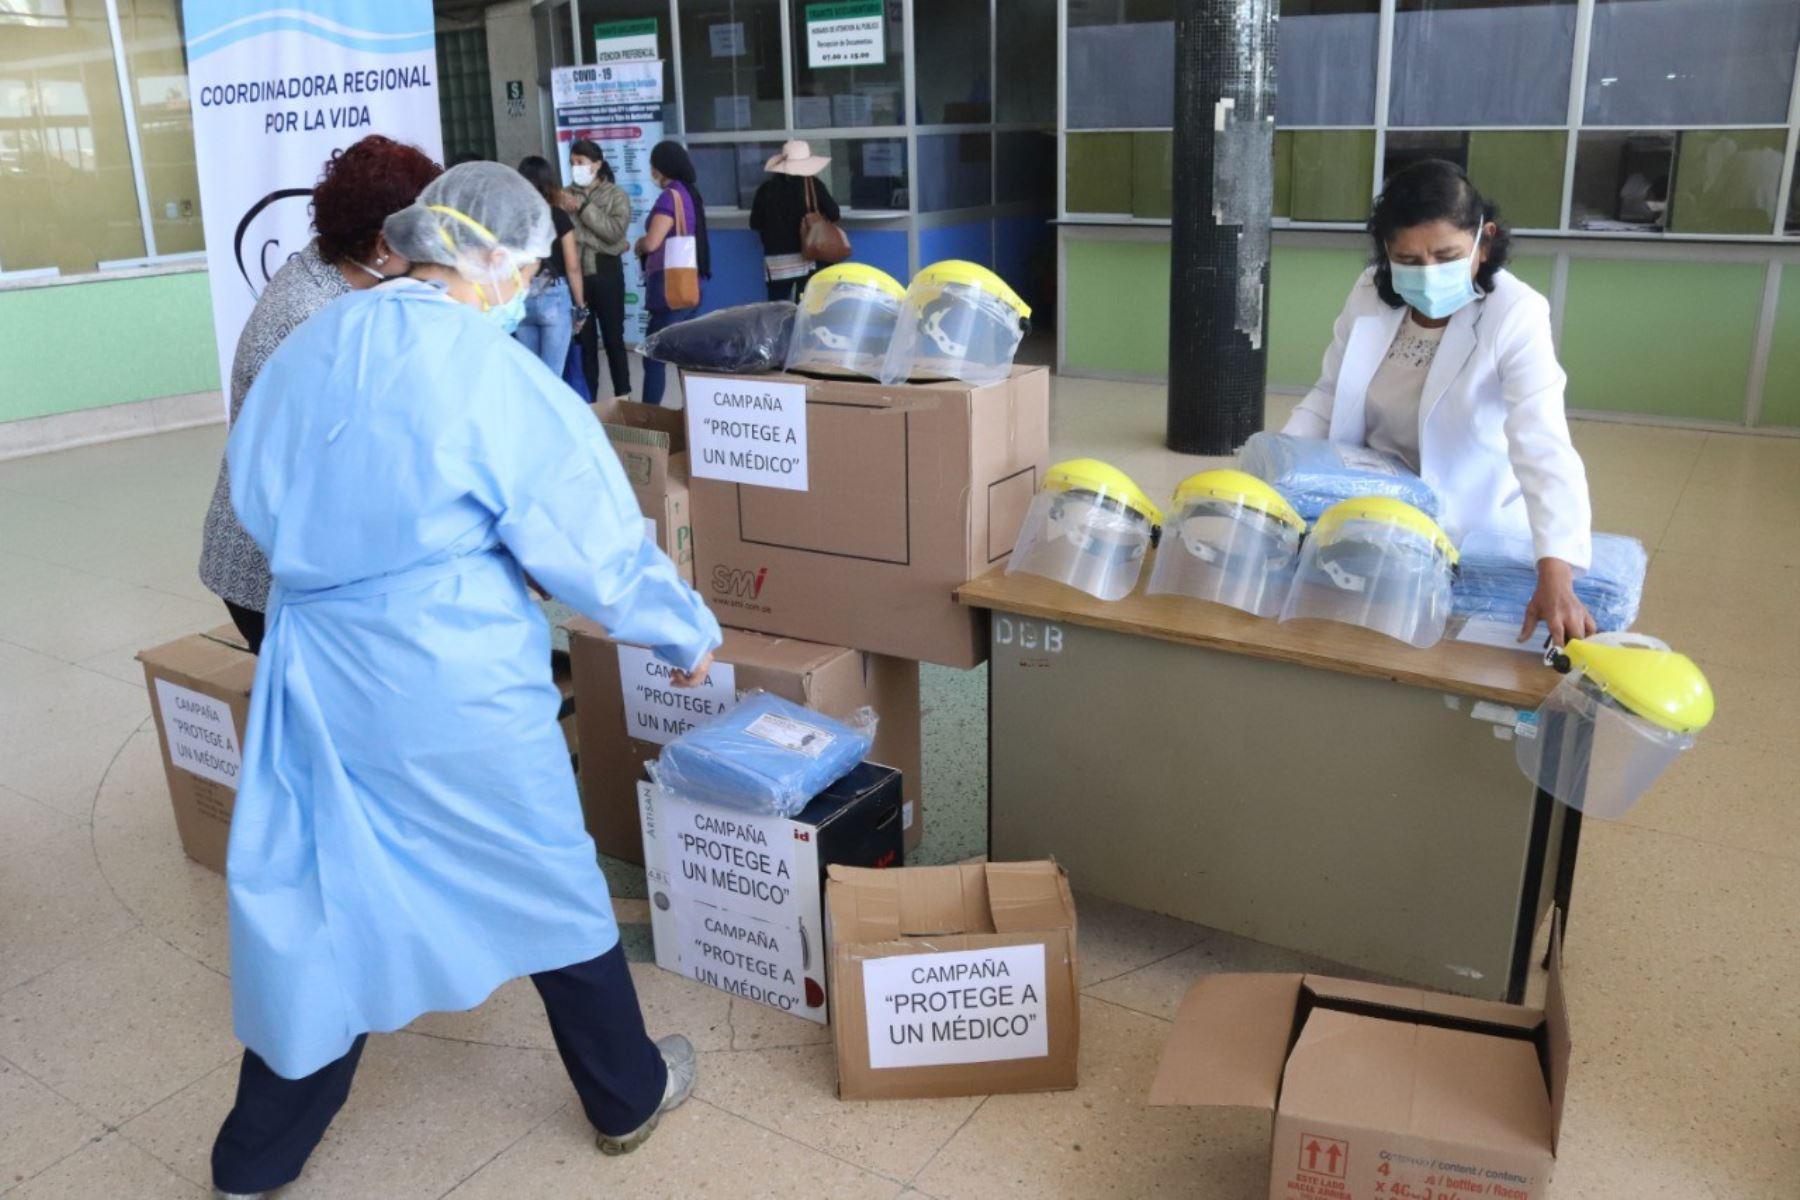 Arzobispado de Arequipa y Corvida desarrollan campaña solidaria en favor de los médicos que trabajan en la primera línea de batalla contra el coronavirus.